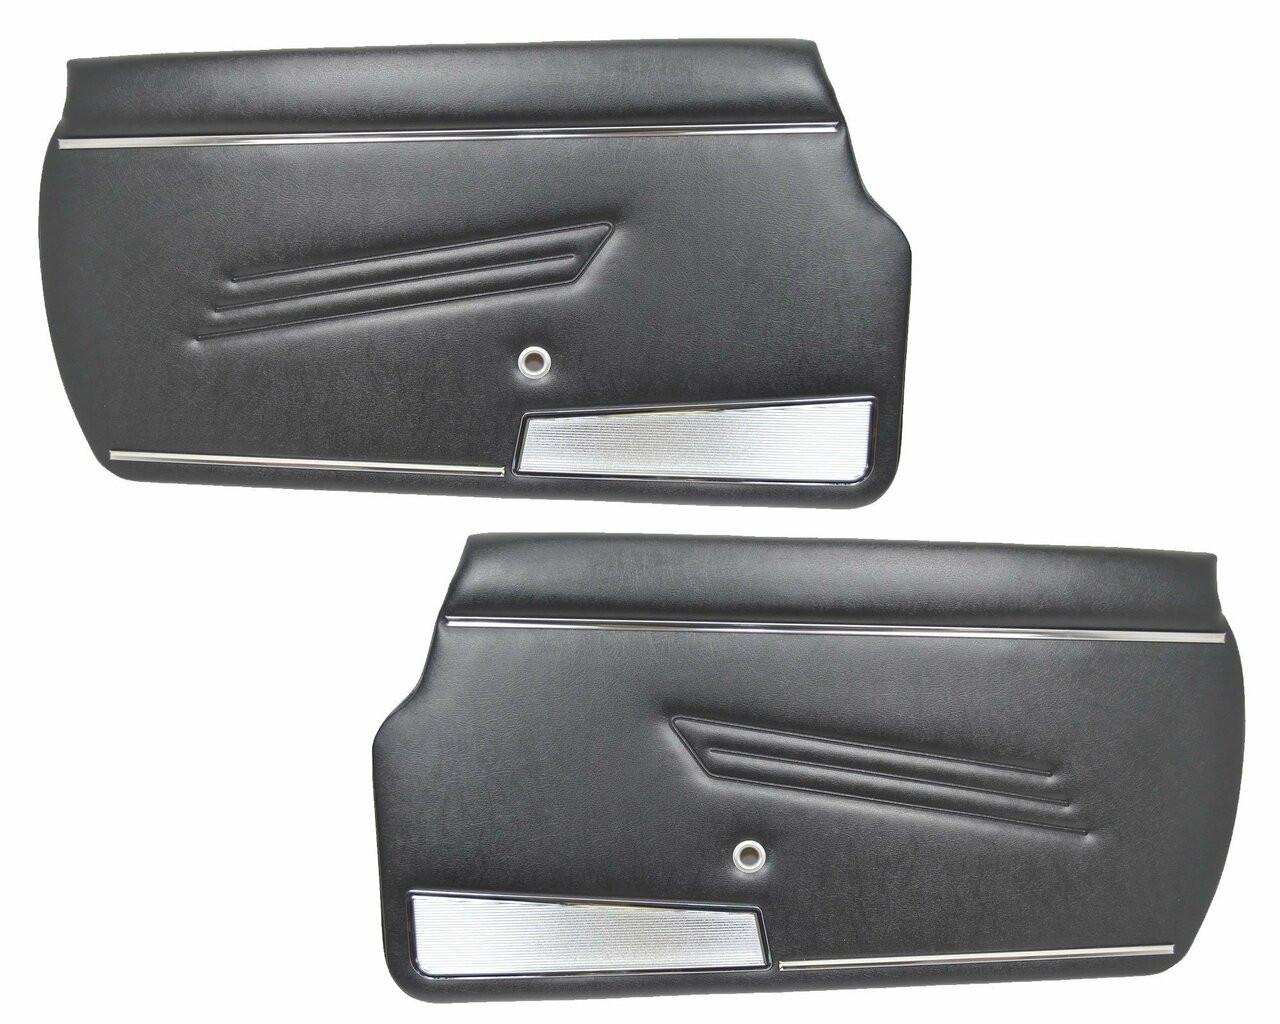 Auto Ricambi Door Panel Pair - Black - 1966-78 FIAT 124 Spider Parts